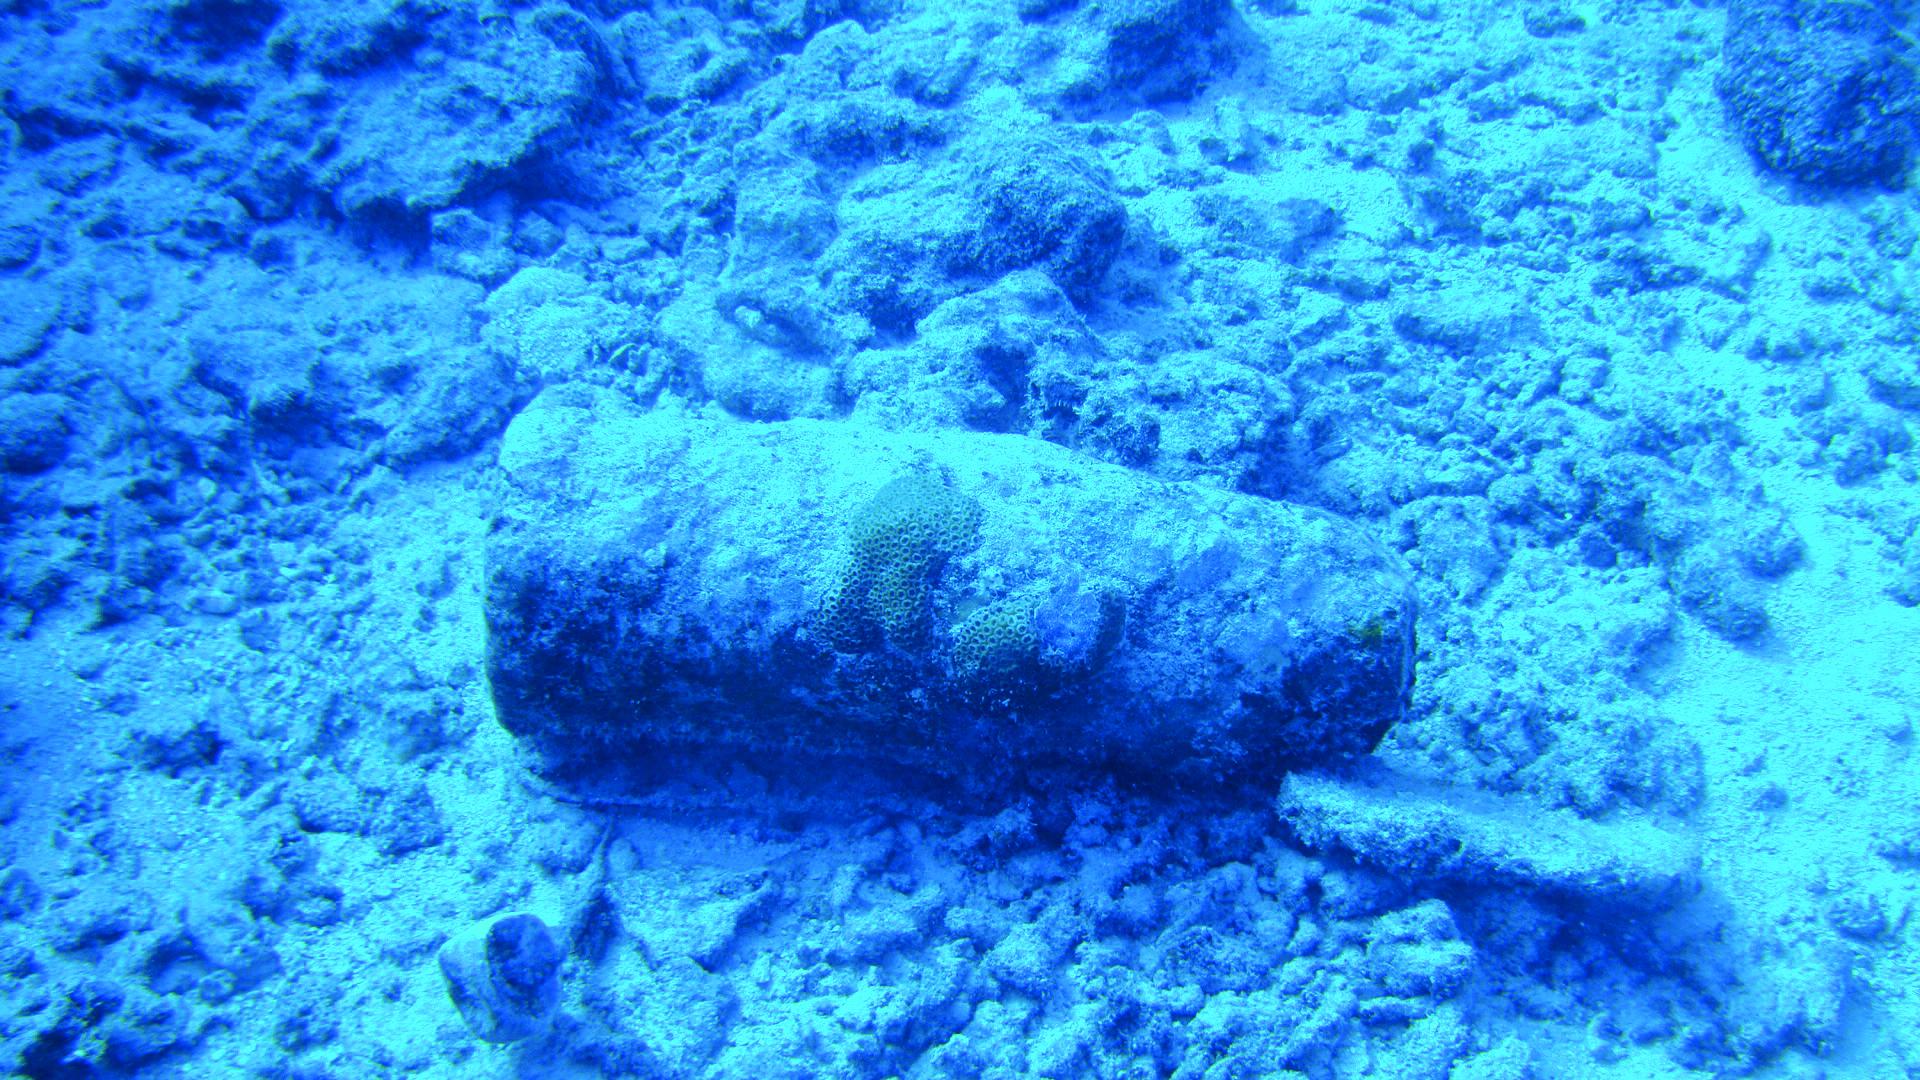 Une opération de neutralisation de munitions sera mise en place le 18 novembre à Bora Bora. (Photo Marine Nationale)